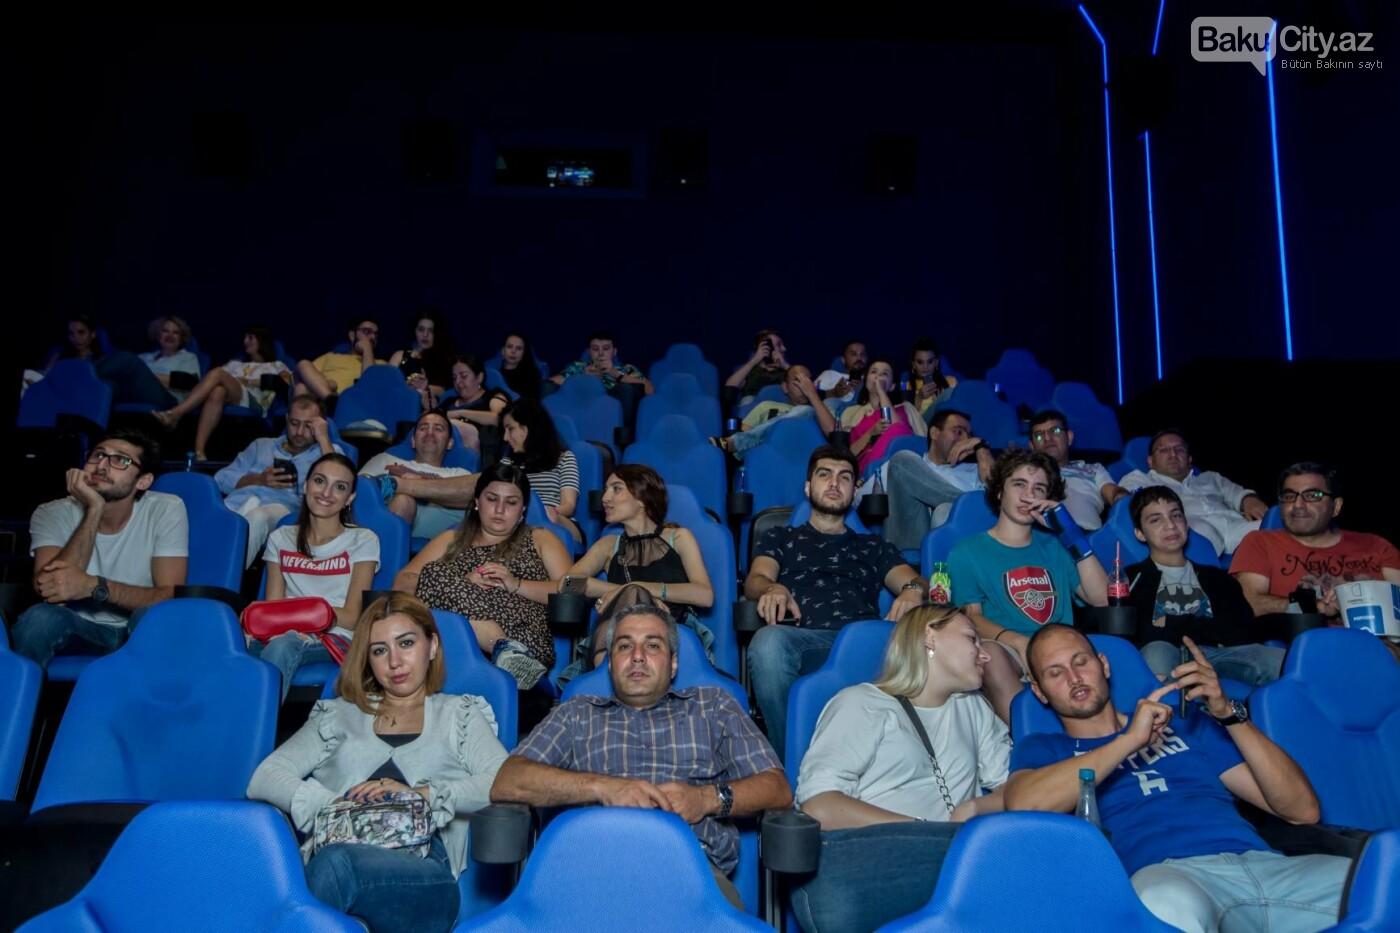 """Bakıda üç filmin nümayişi ilə """"Kino Gecəsi"""" keçirildi - FOTO, fotoşəkil-33"""